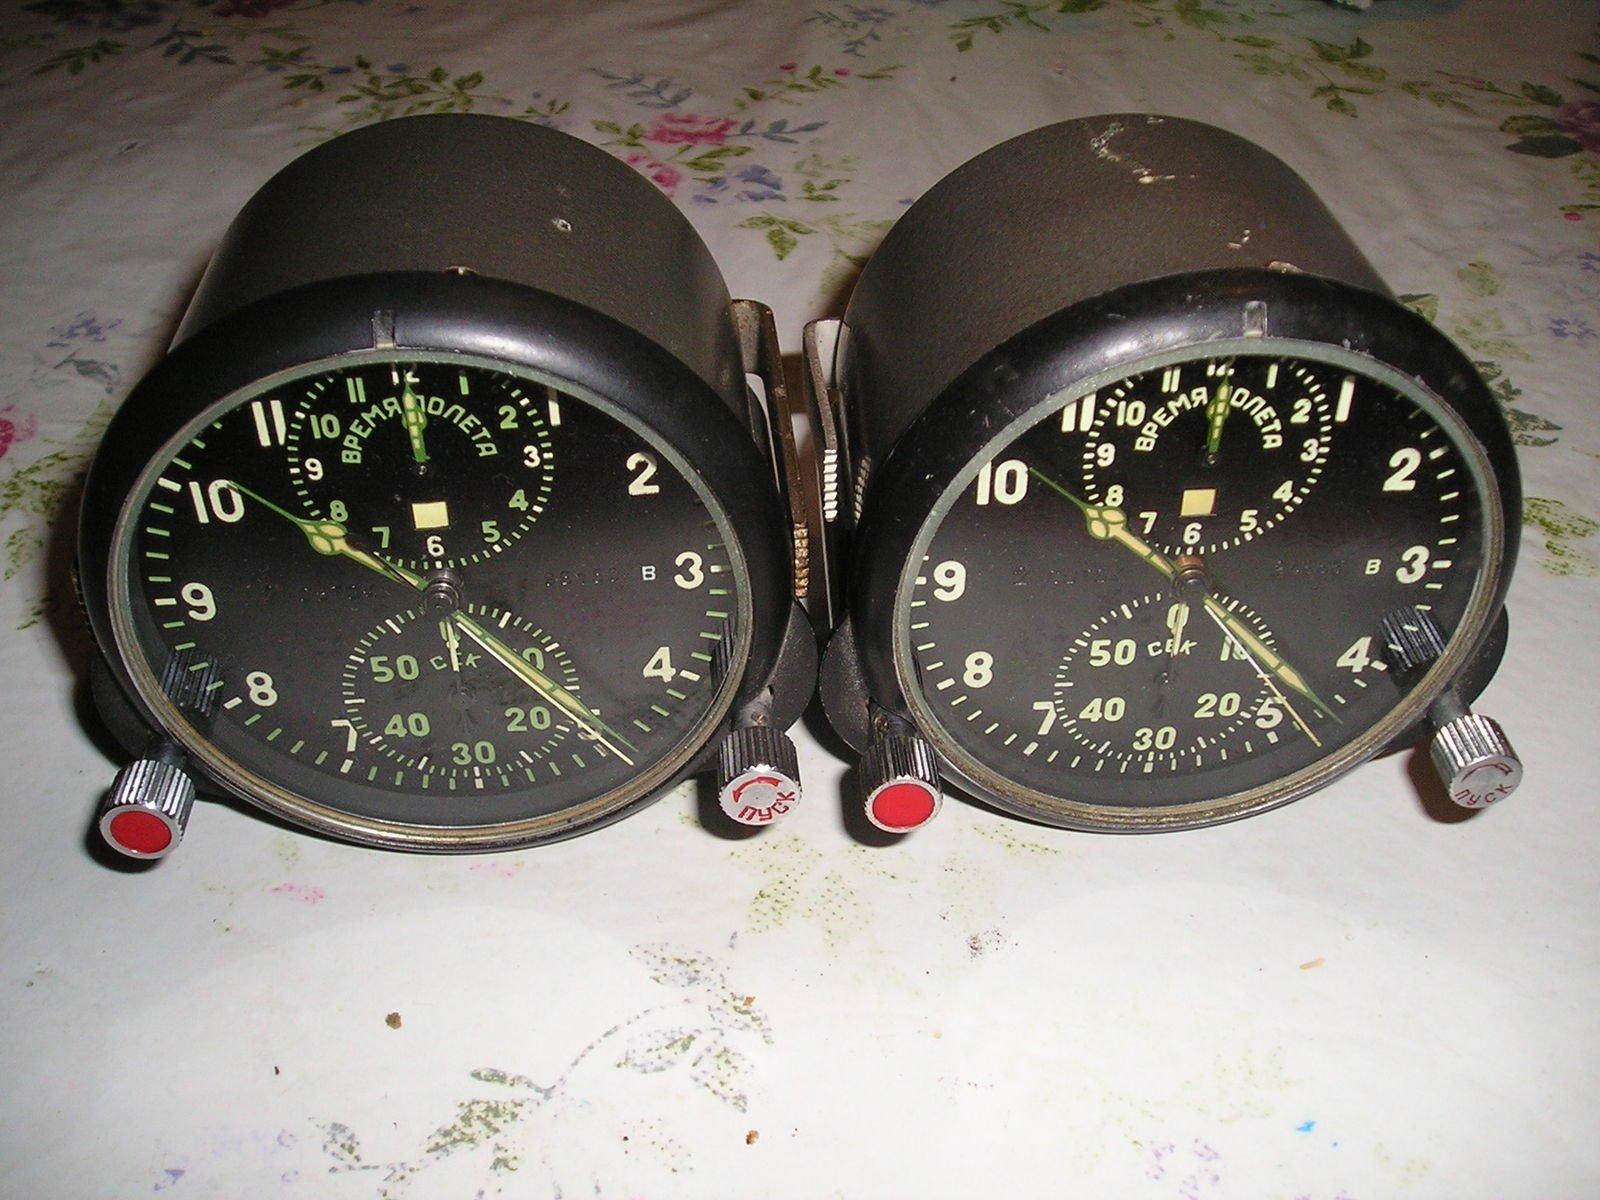 два экземпляра АЧС-1, слева новый